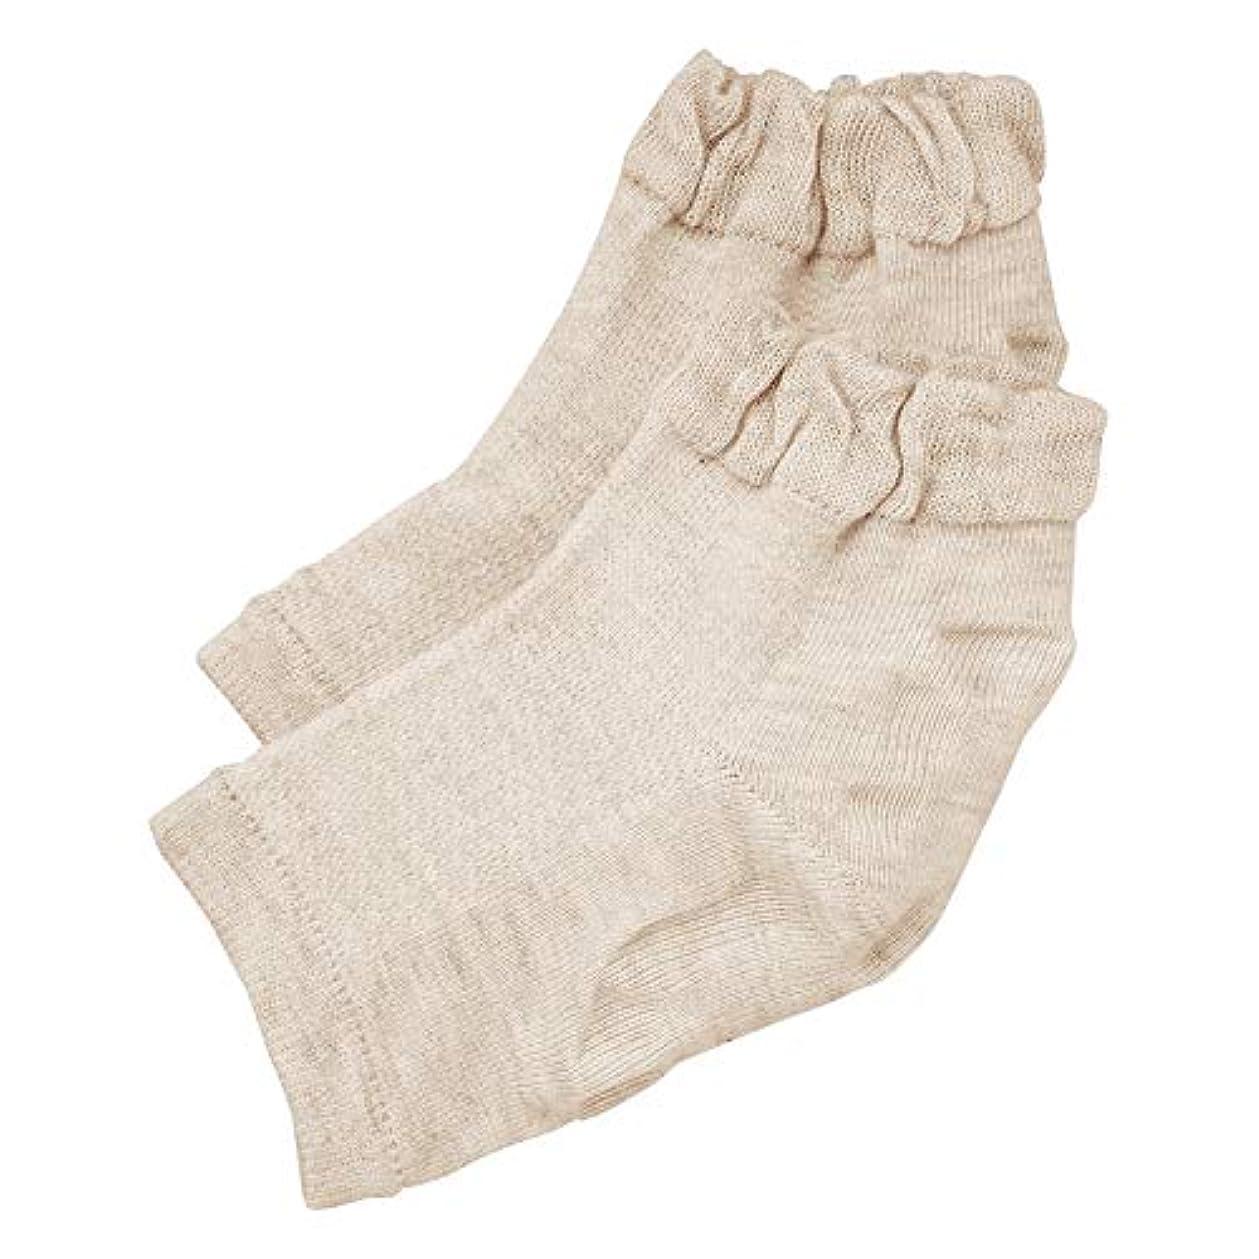 サポート侮辱シャーク履き口ゆったりかかとつるり ケア 靴下 ガサガサ 保湿